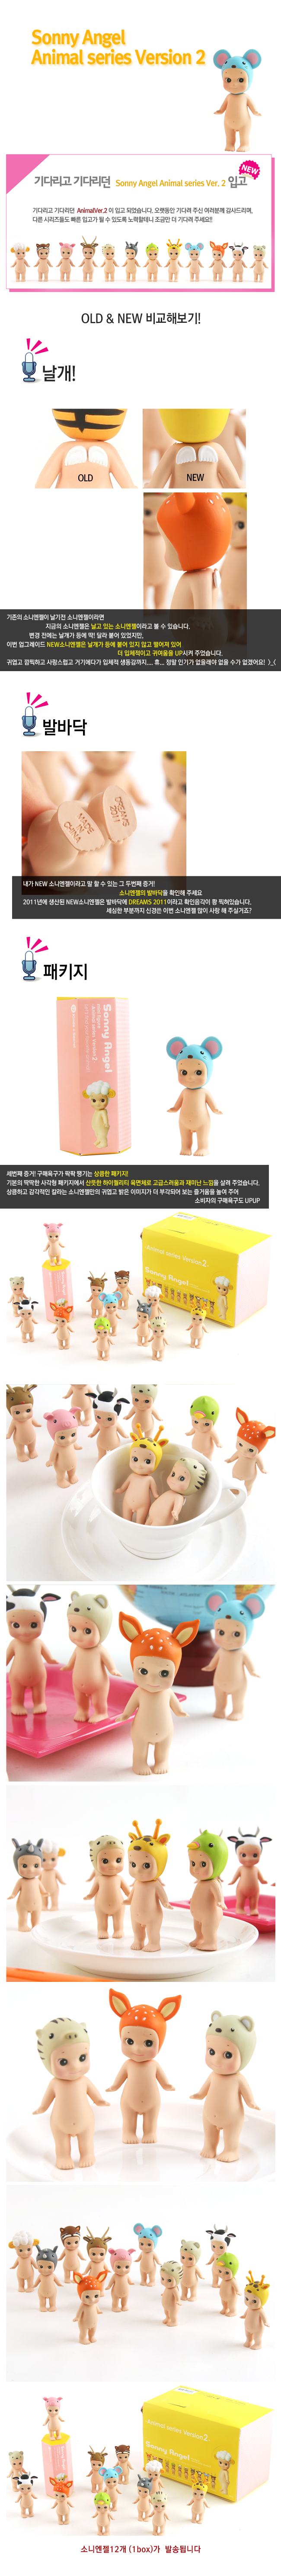 소니엔젤 미니피규어_Animal 2 ver (박스) - 소니엔젤, 82,800원, 아시아 피규어, 소니엔젤